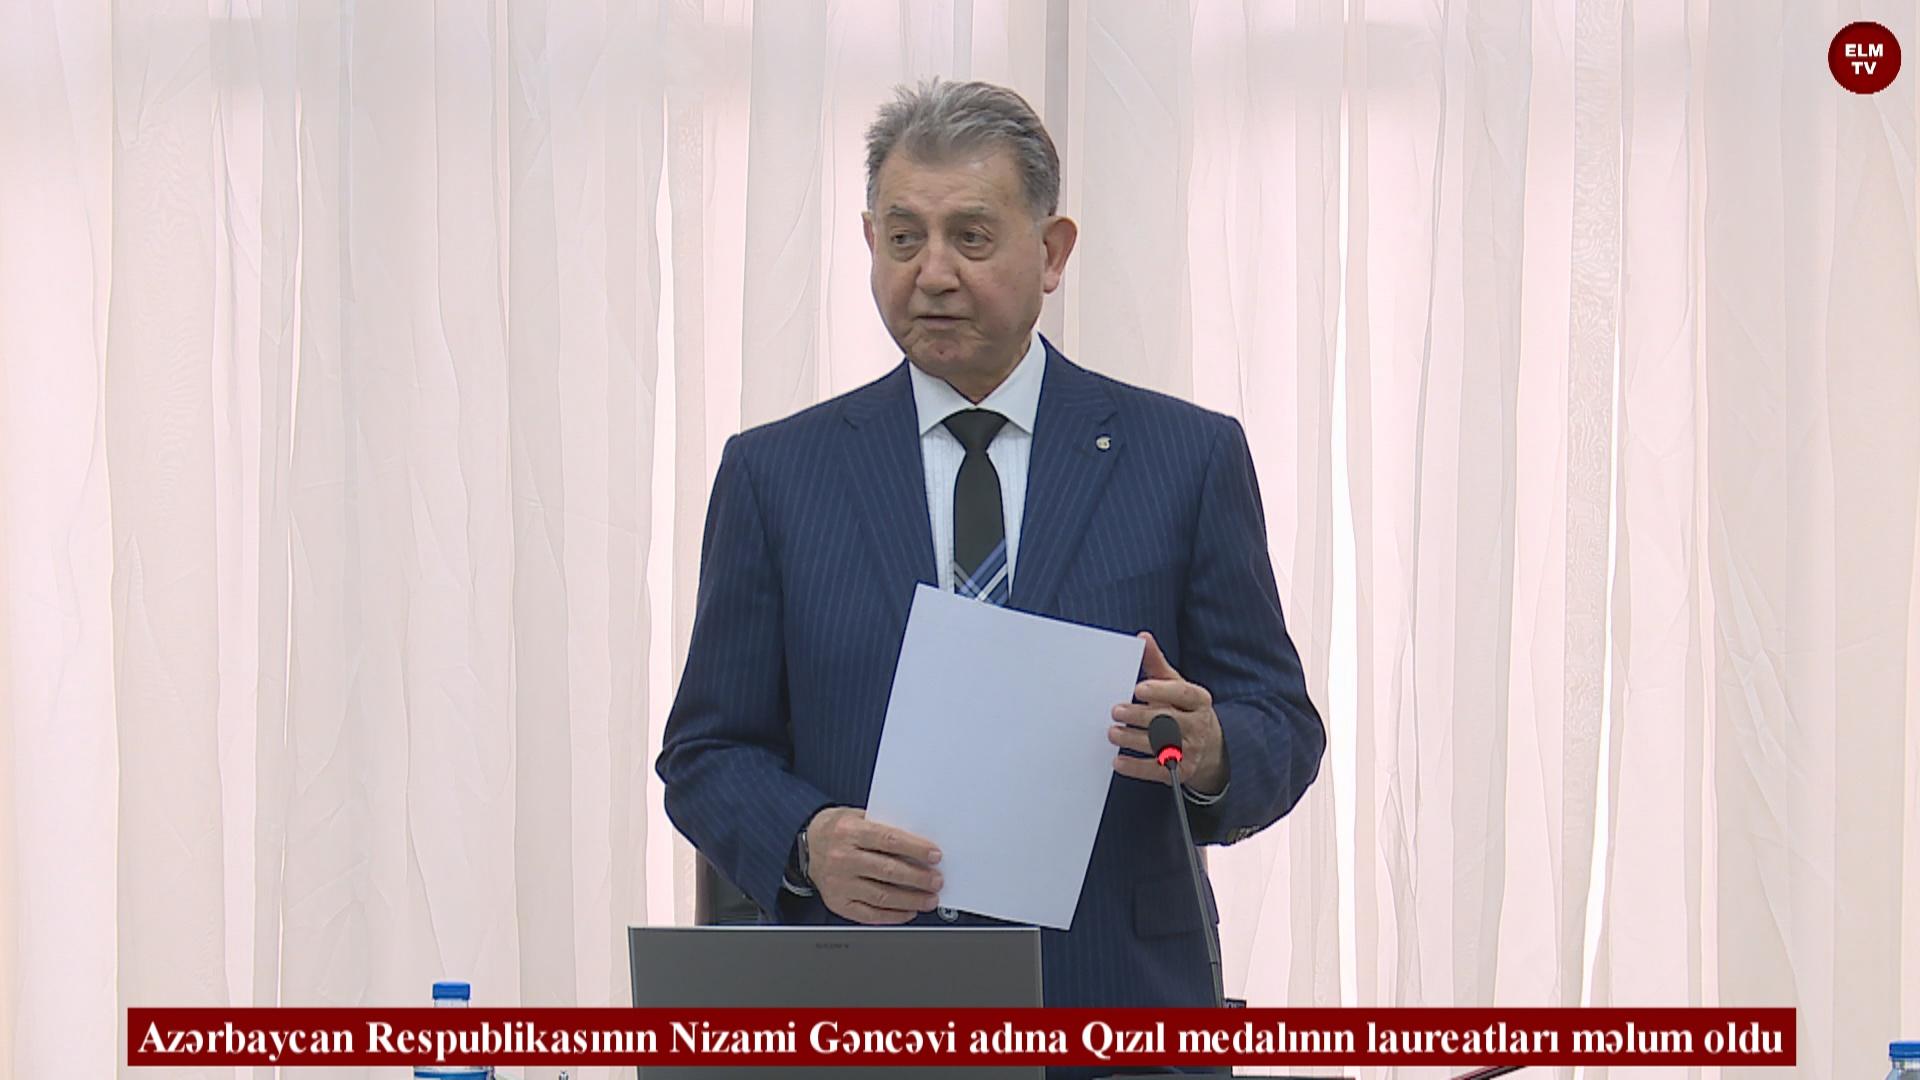 Azərbaycan Respublikasının Nizami Gəncəvi adına Qızıl medalının laureatları məlum oldu